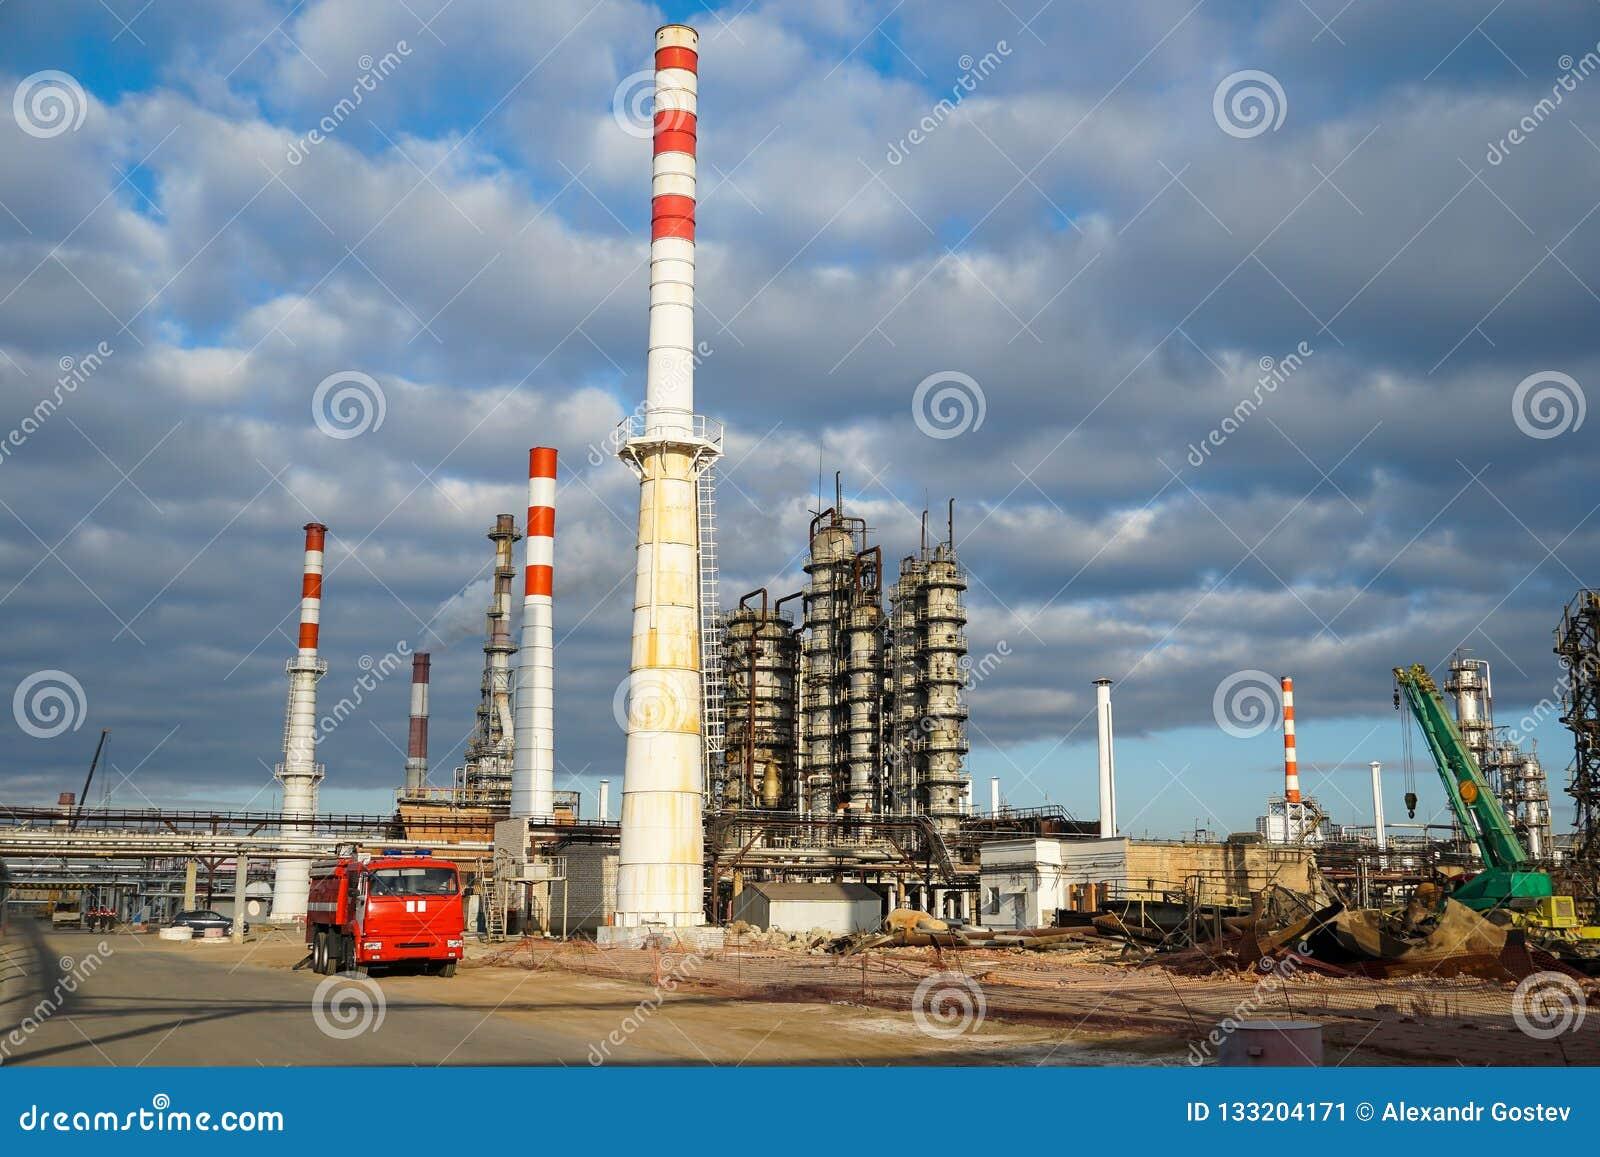 Избавление технологической установки для изготовления светлых нефтяных продуктов на рафинадном заводе в России